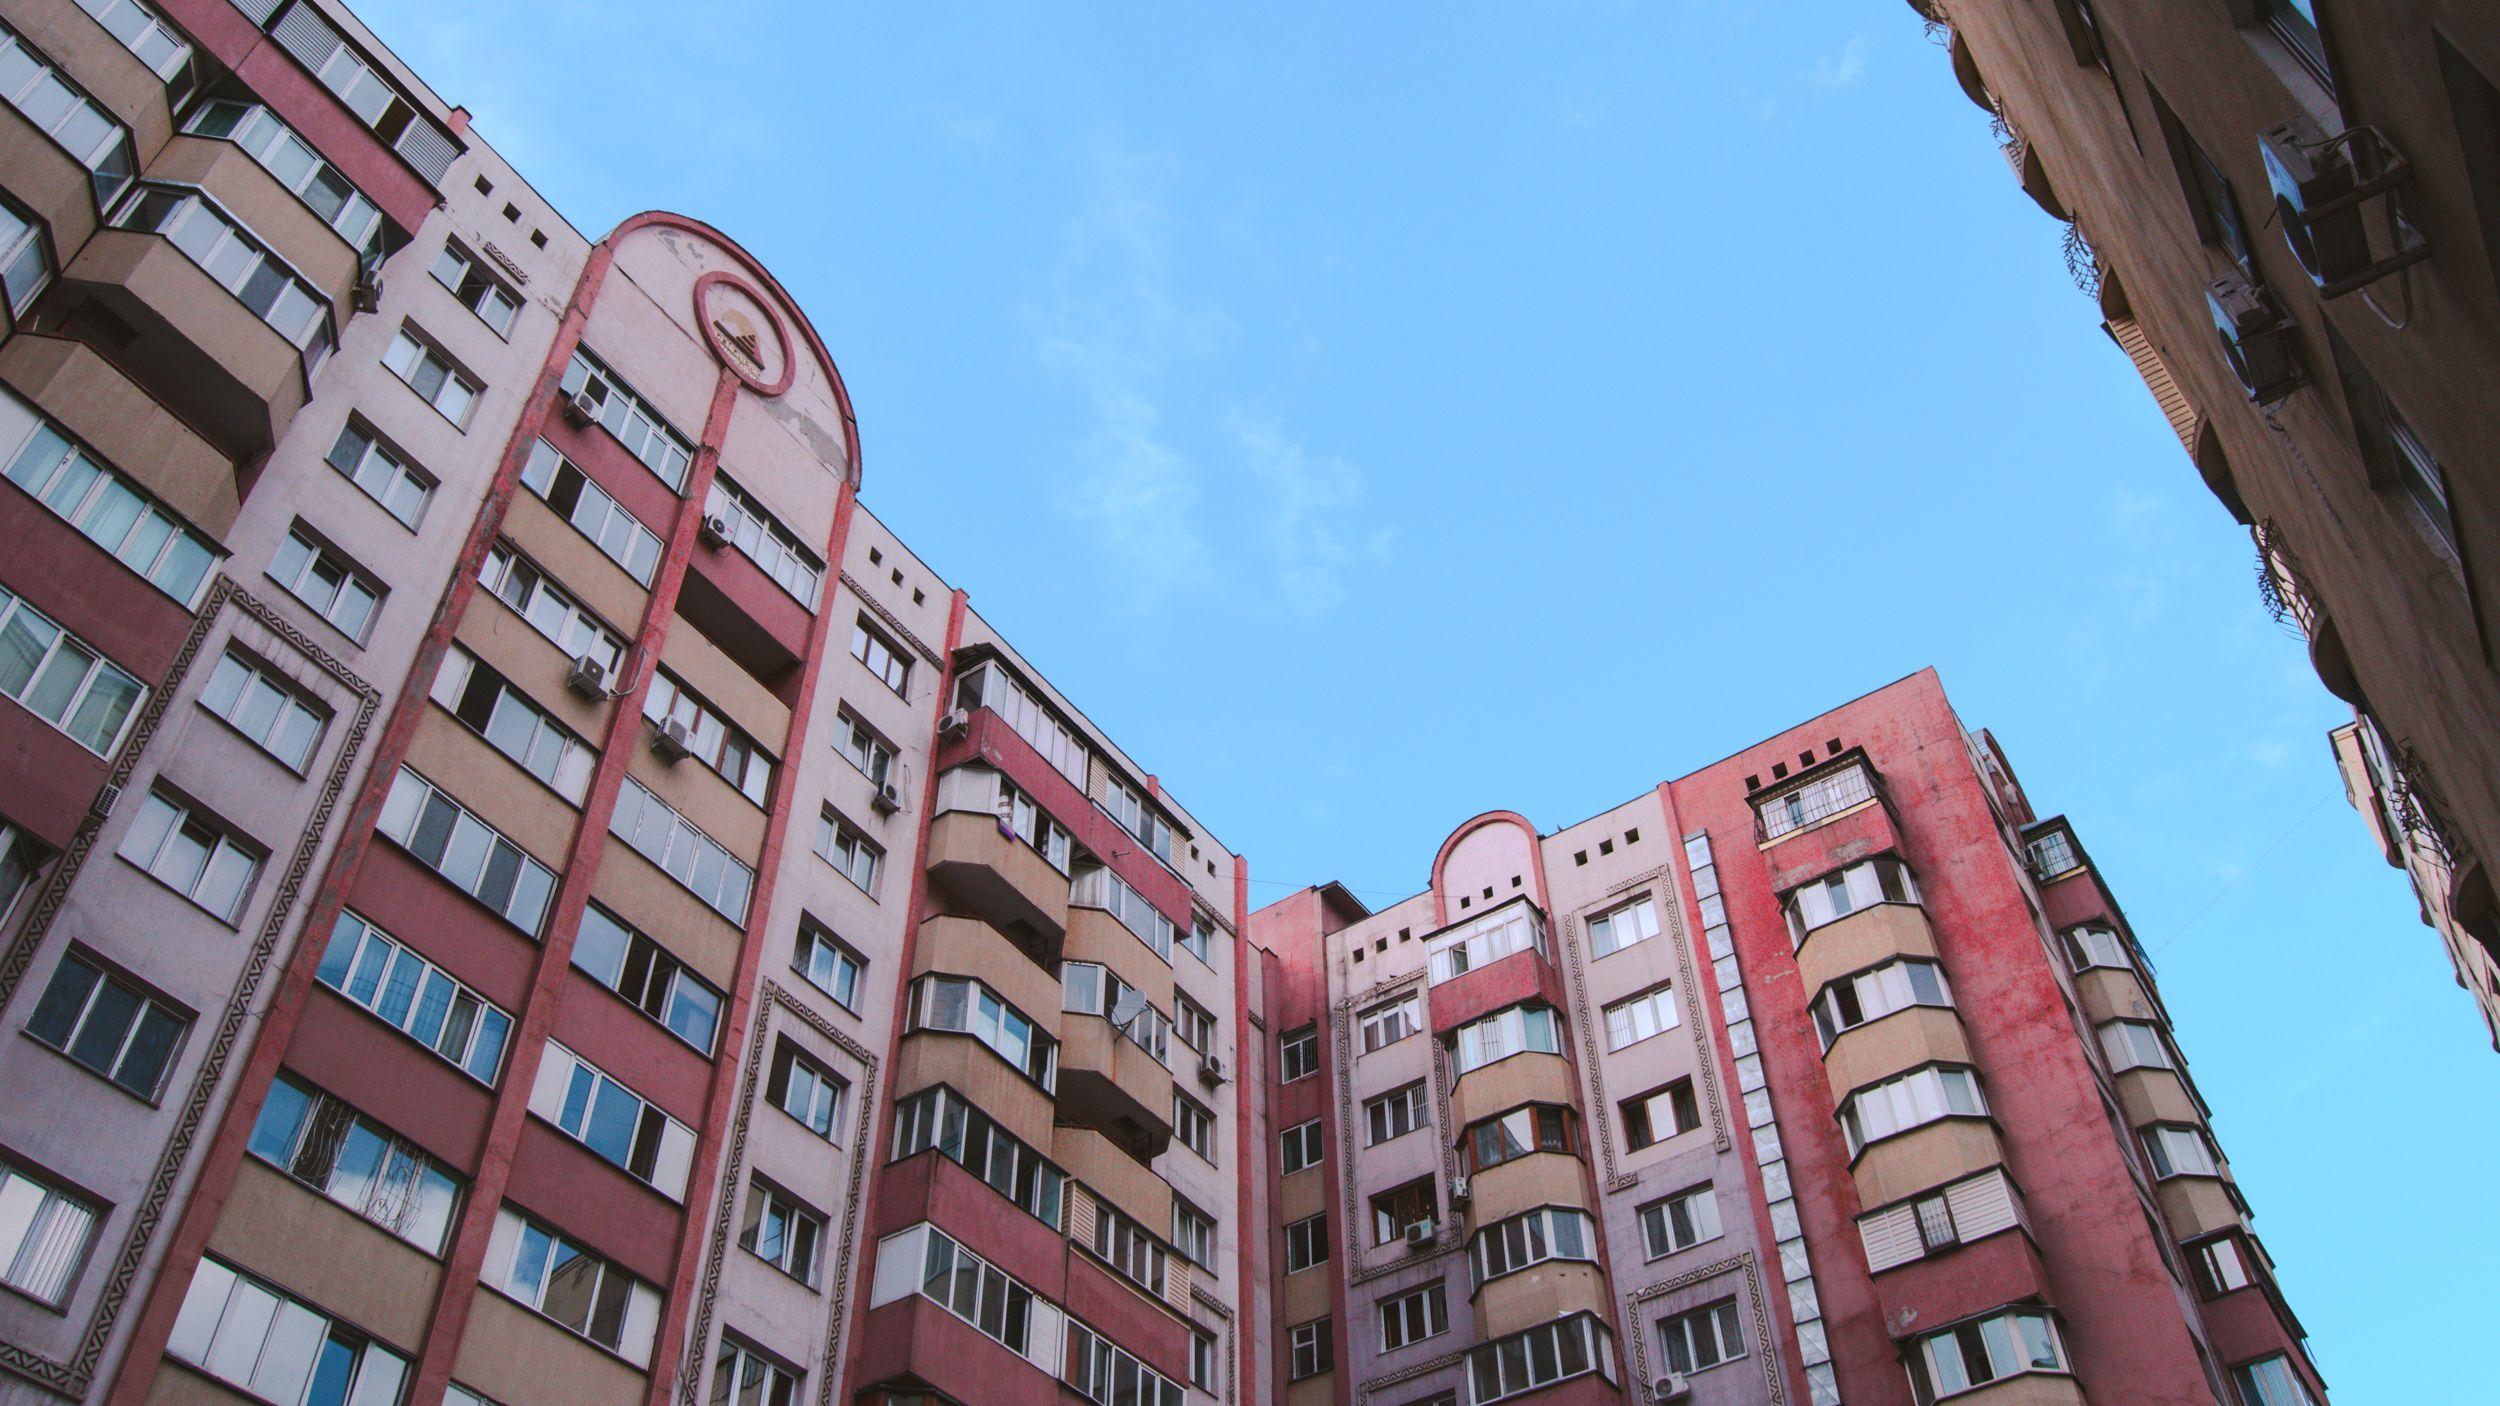 В 2019 году в Казахстане построят 13 млн кв. метров жилья - Kapital.kz